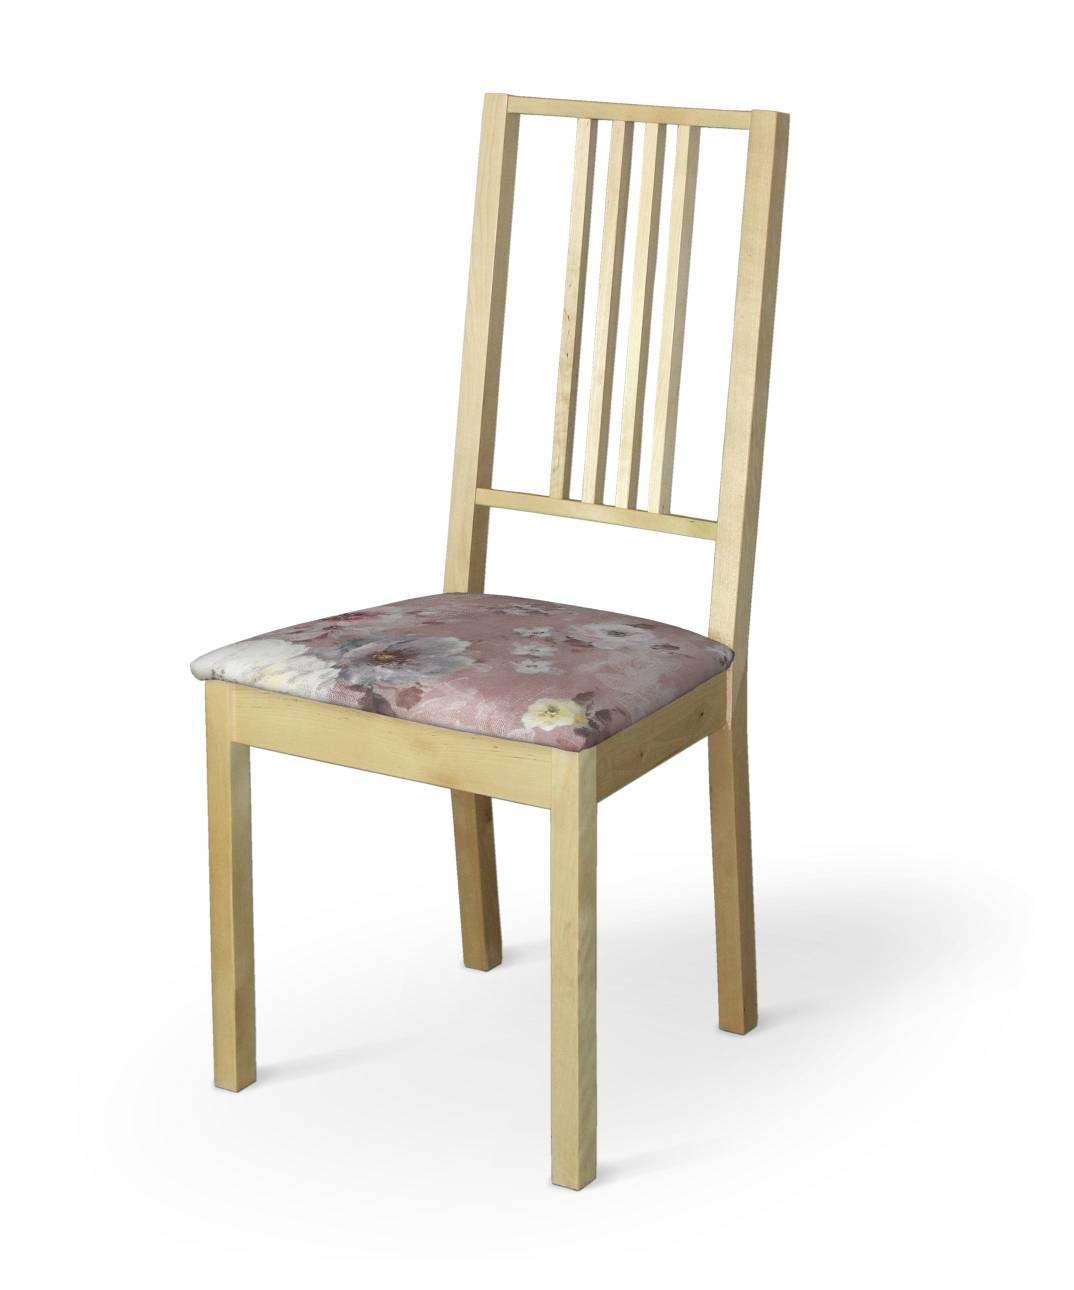 Börje kėdės užvalkalas Börje kėdės užvalkalas kolekcijoje Monet, audinys: 137-83